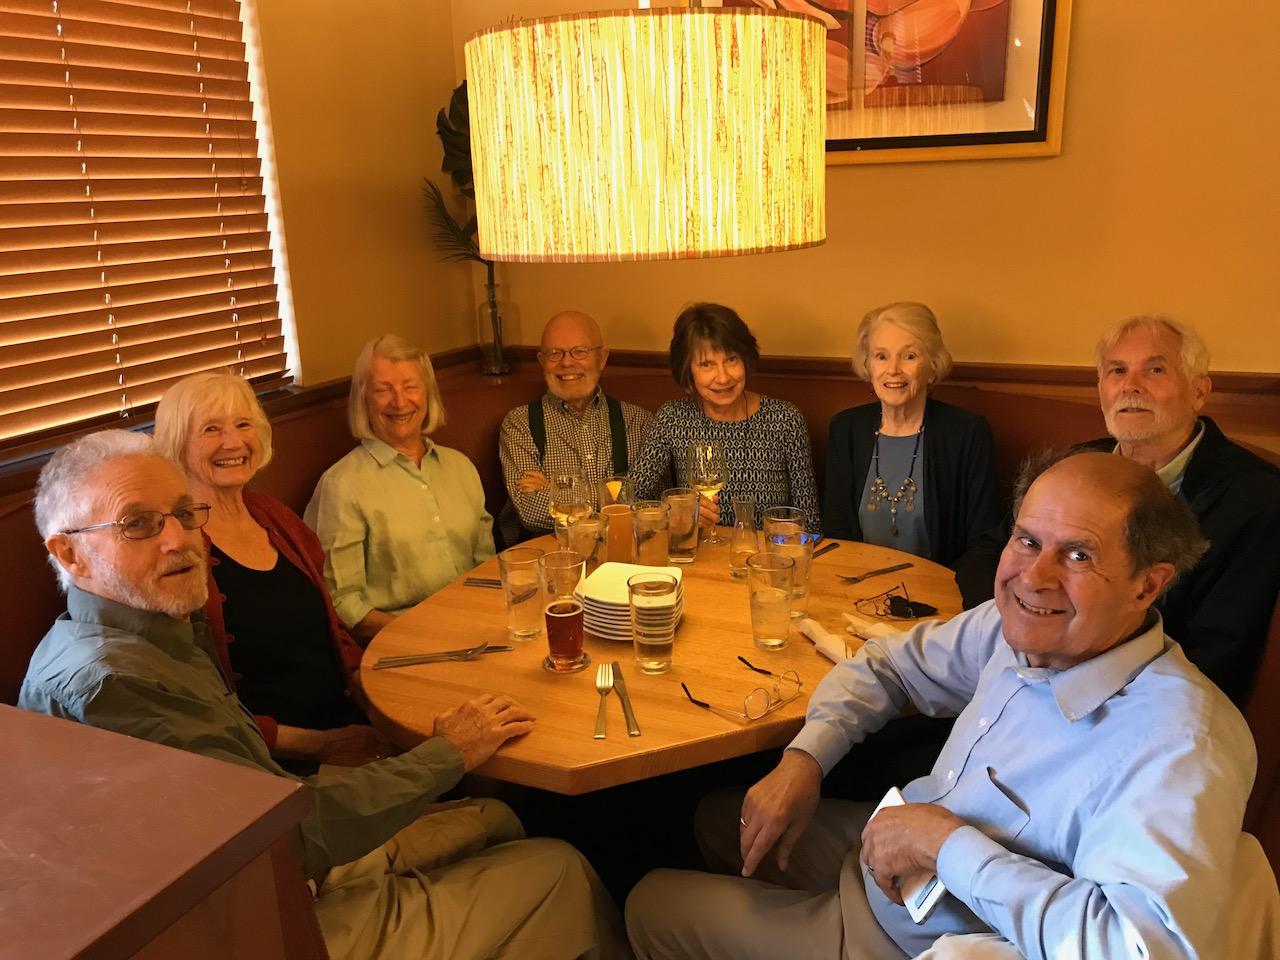 Dave, Ann, Barb, Dean, Yvonne, Tessa, John, Alan at California Pizza